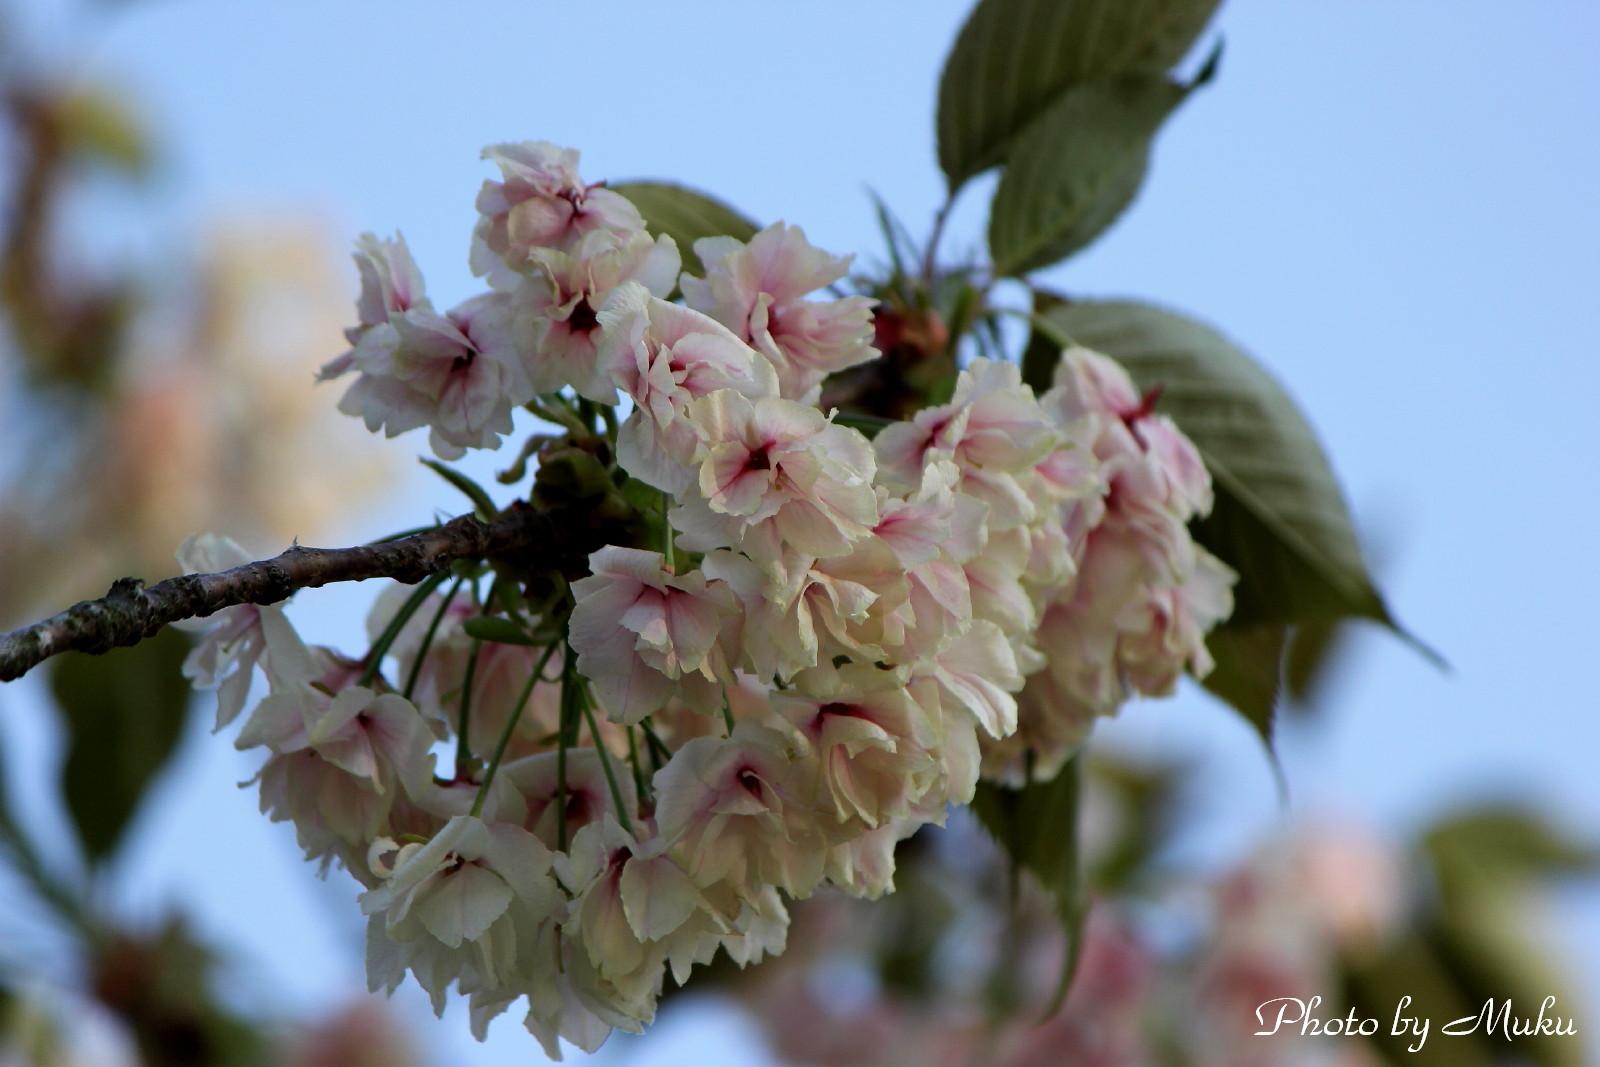 2014.4.23 ウコンザクラ(横須賀しょうぶ園:神奈川県横須賀市)